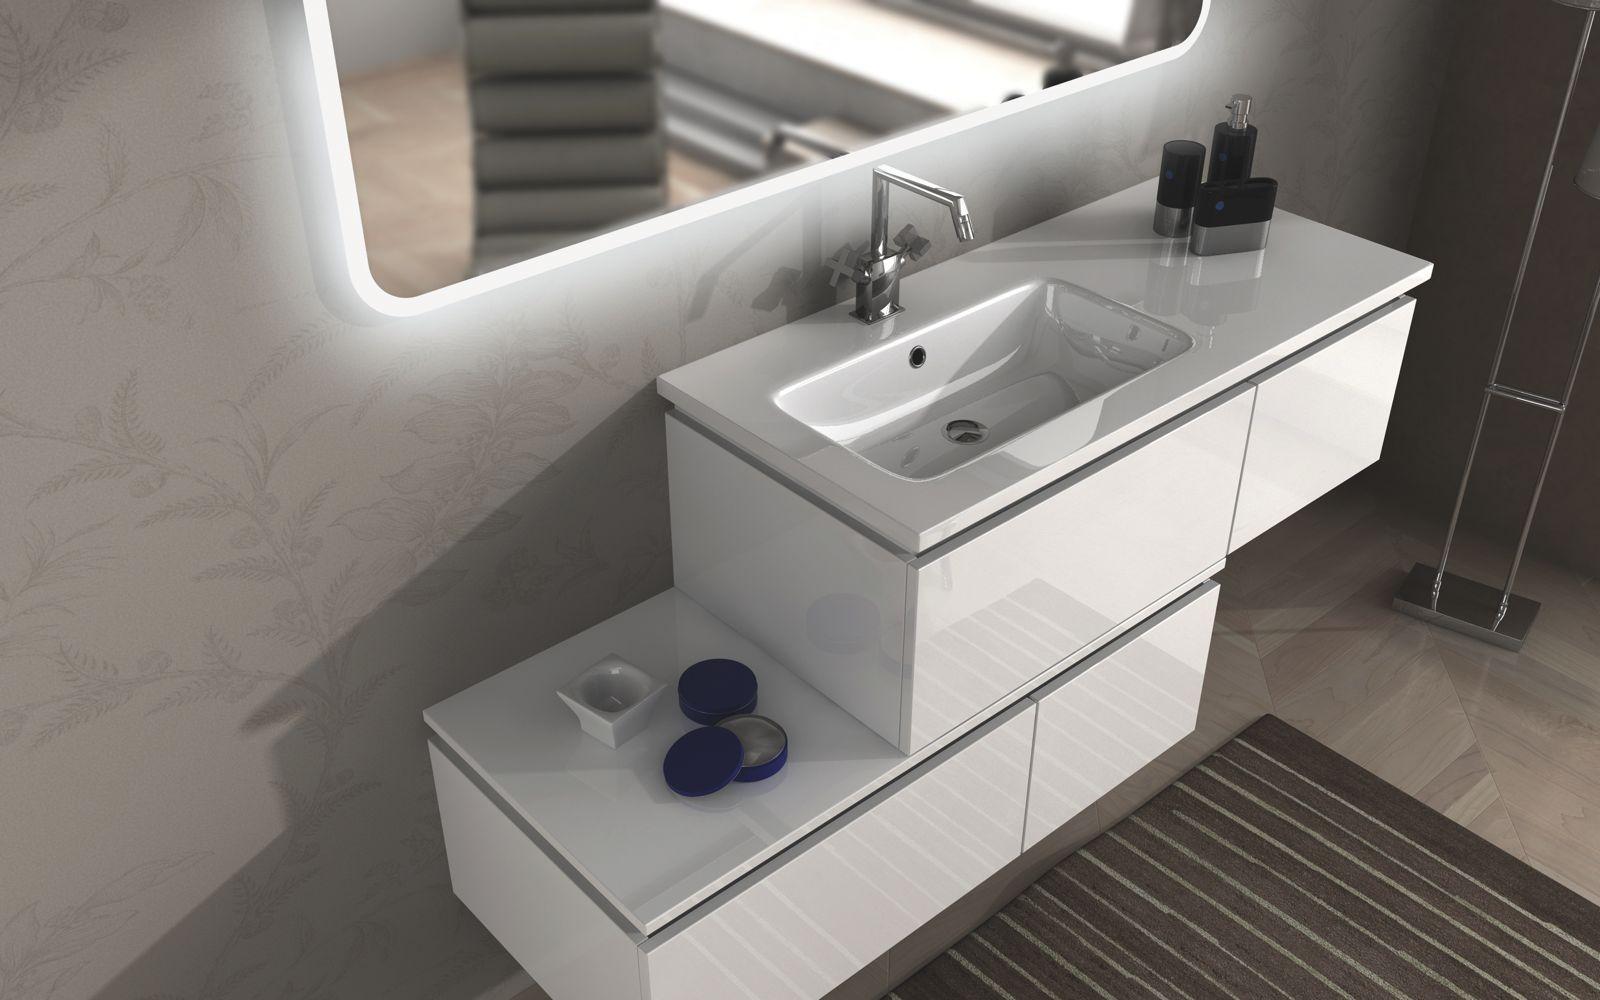 Mobile arredo bagno avril 100 110 120 130 140 200 lavabo - Mobile lavello bagno ...